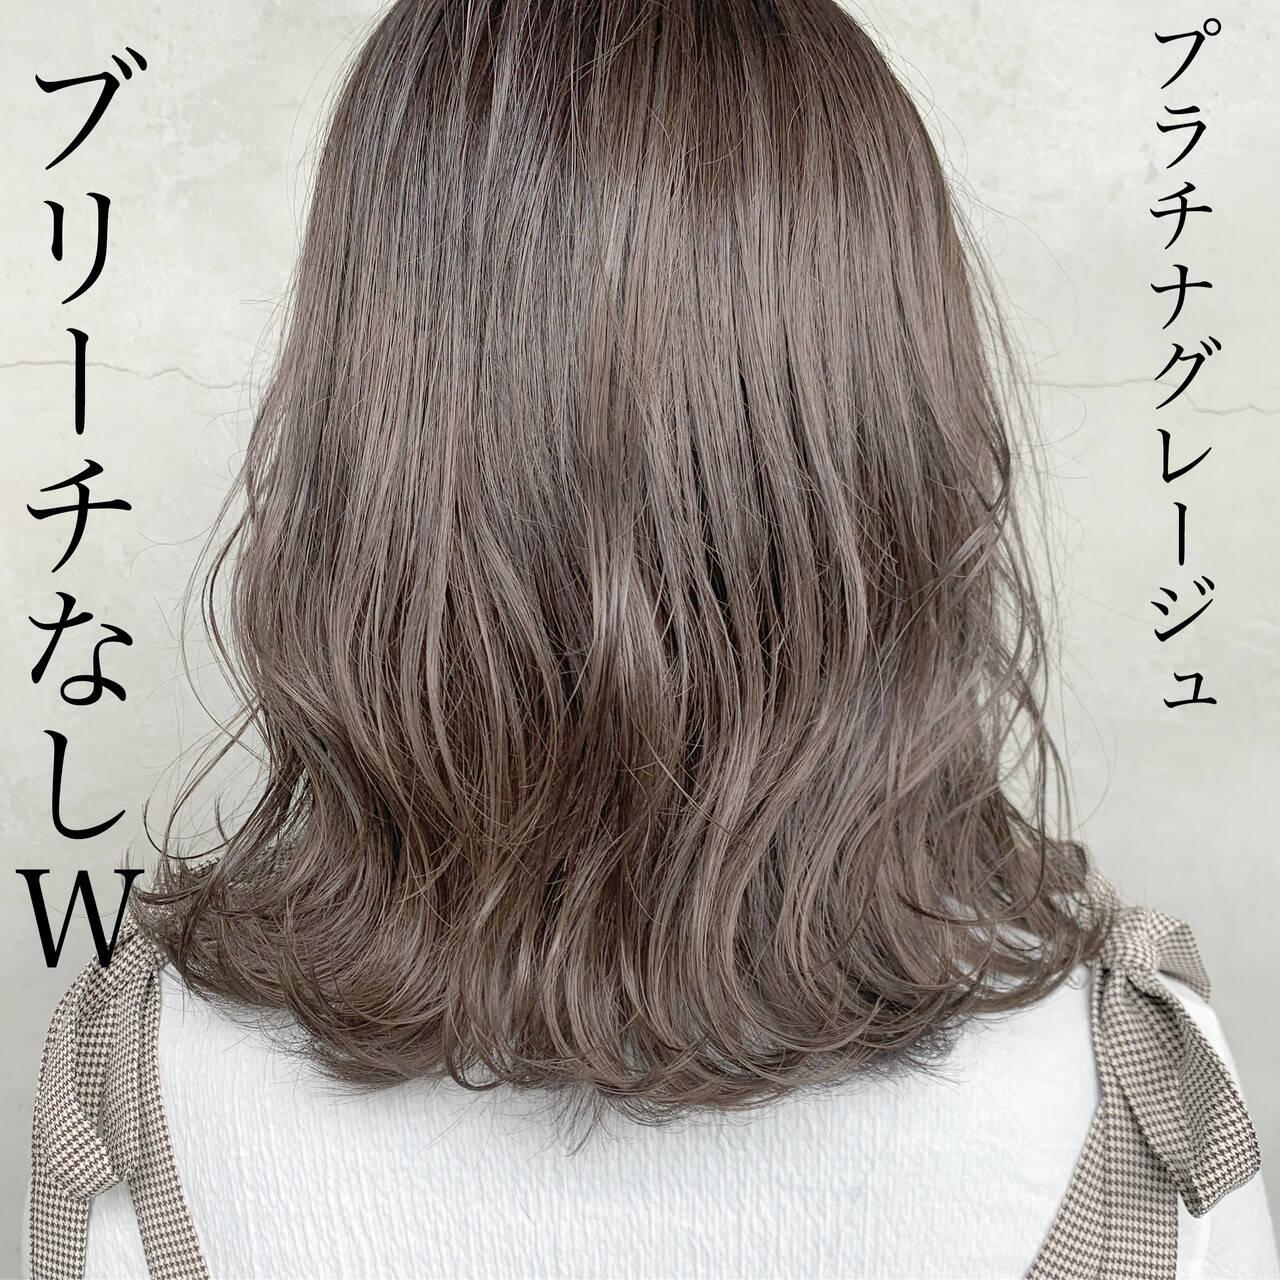 ミニボブ ショートボブ 切りっぱなしボブ ナチュラルヘアスタイルや髪型の写真・画像